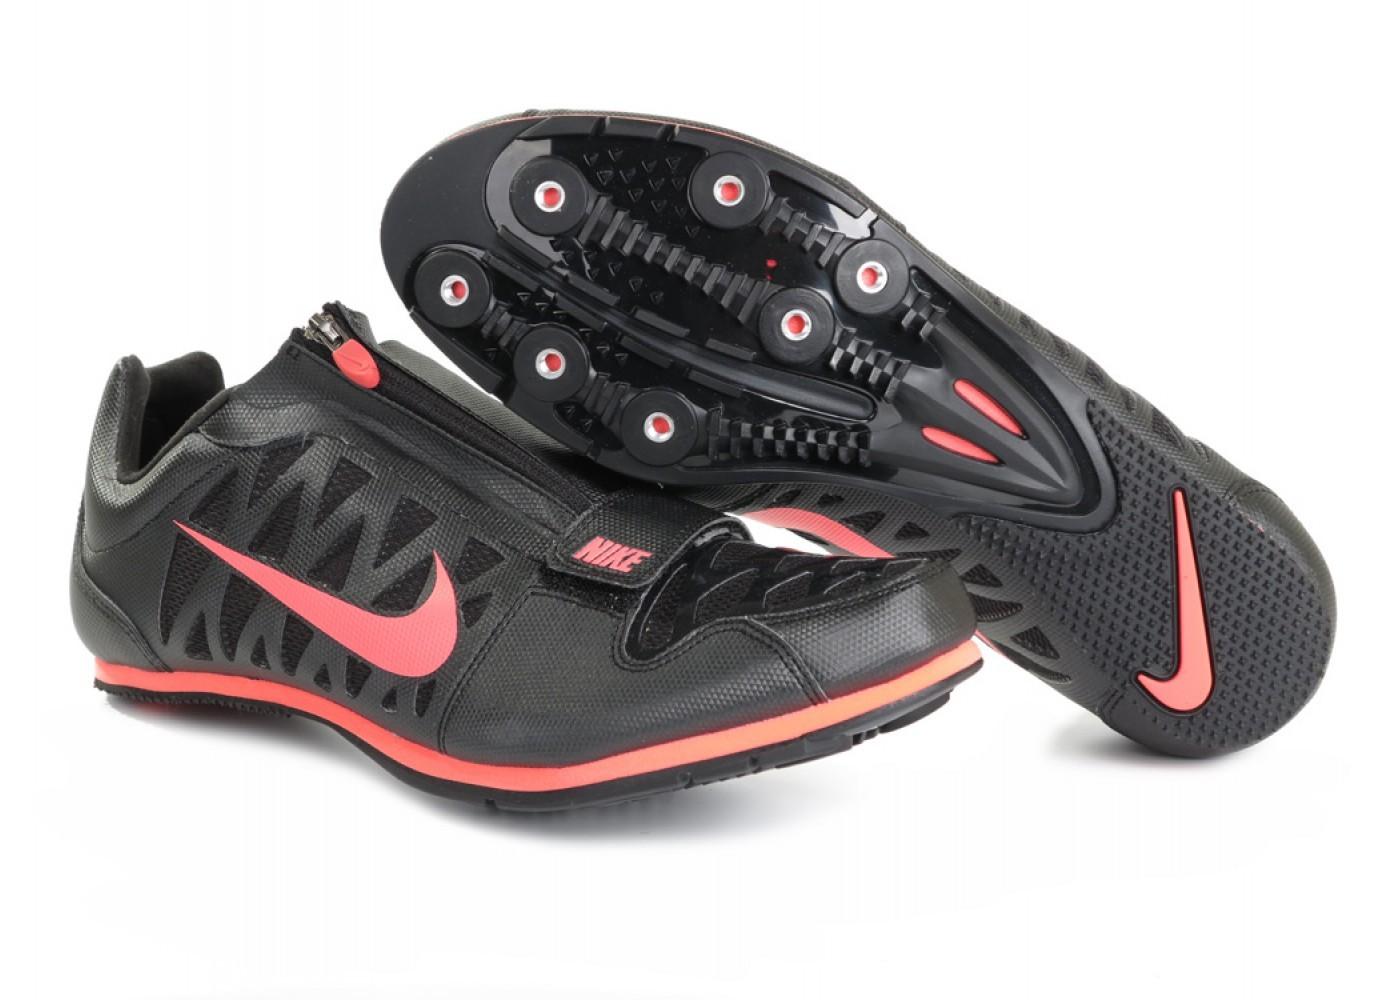 Nike Zoom Long Jump Шиповки для прыжков в длину